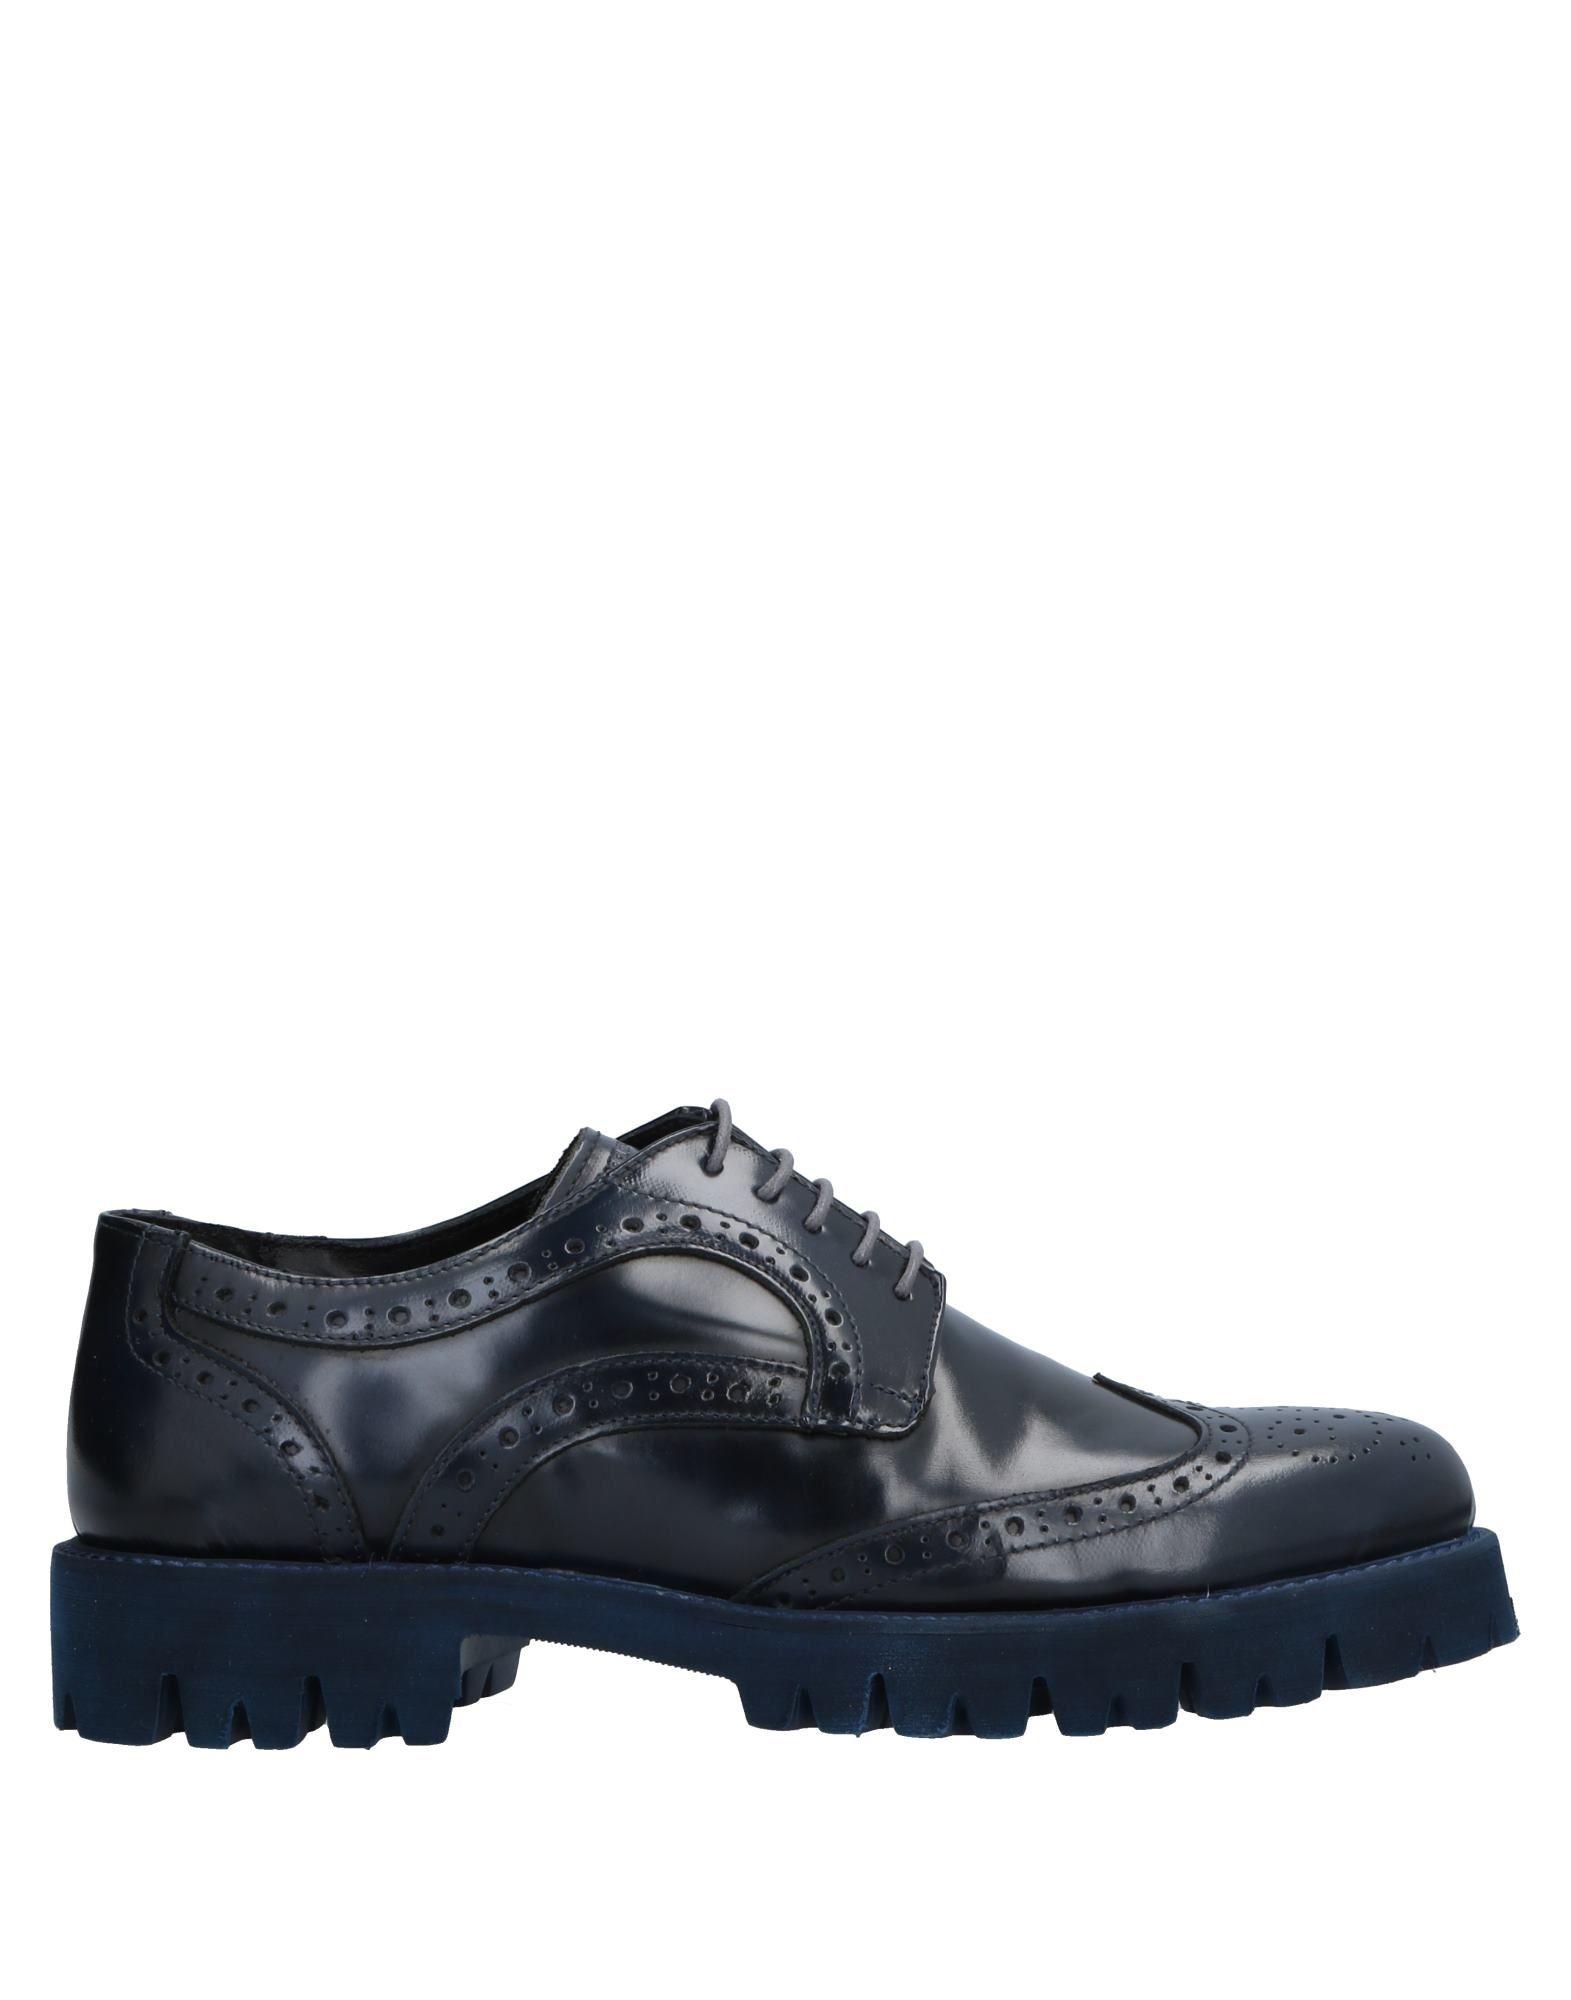 Bottega Marchigiana Schnürschuhe Herren  11543942FN Gute Qualität beliebte Schuhe